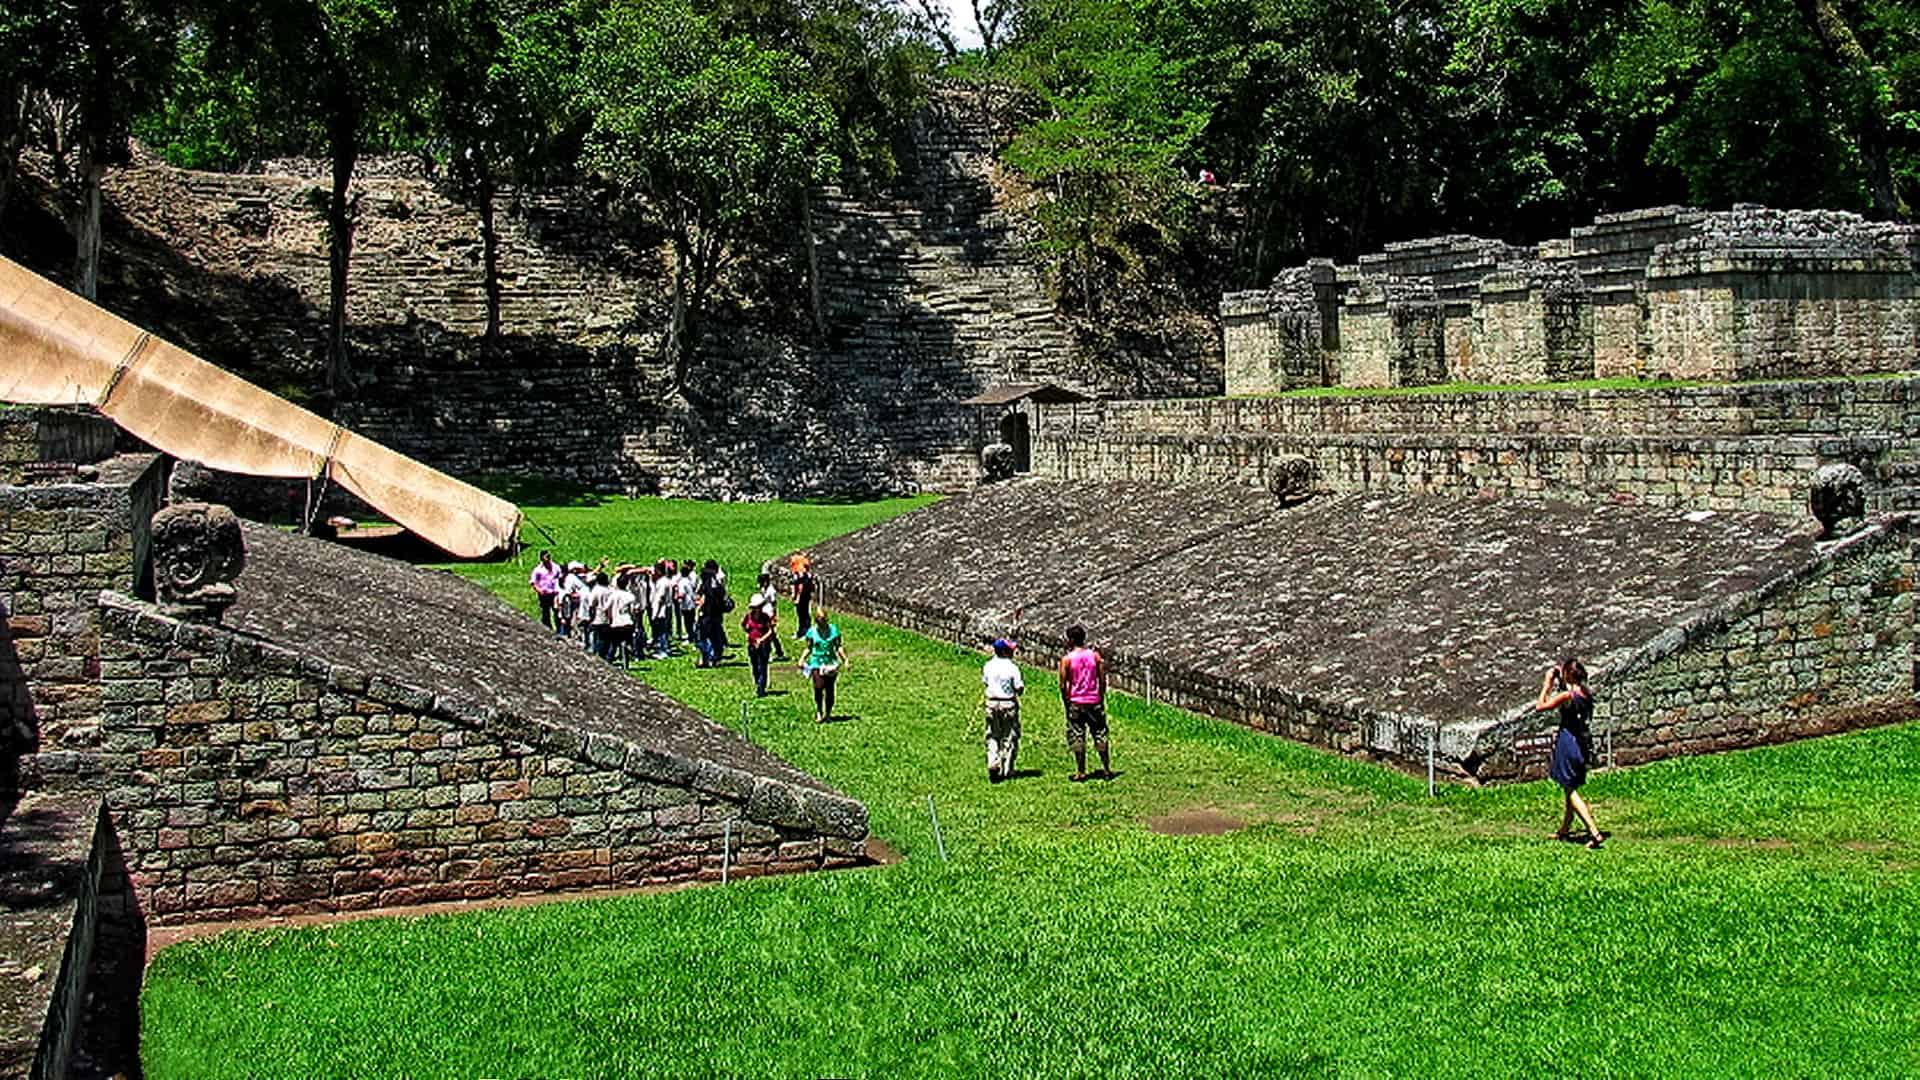 Más de 200 millones de lempiras dejan de percibir Copán Ruinas durante la pandemia